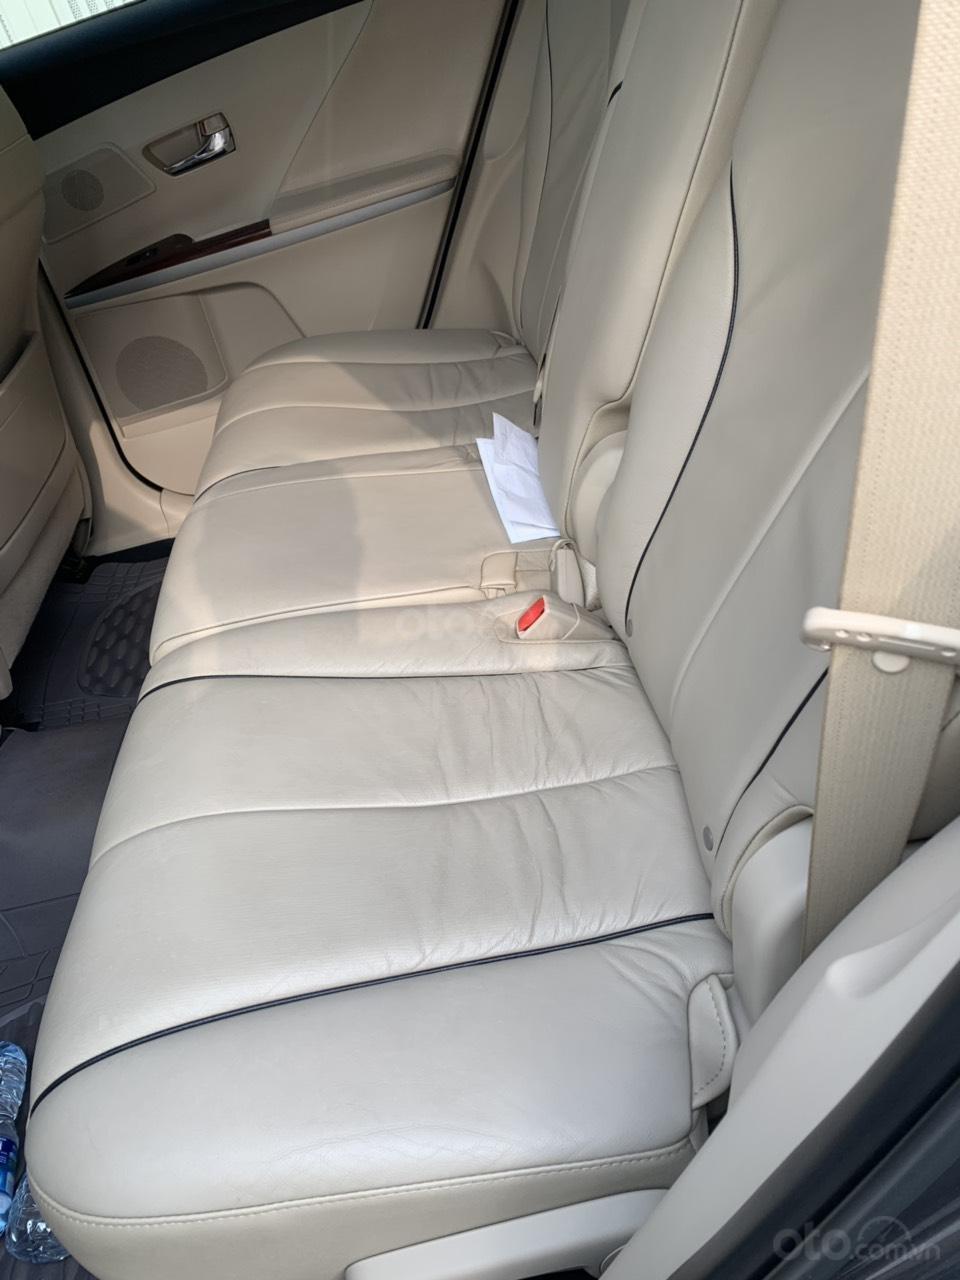 Bán Toyota Venza 2.7 màu xám sản xuất 12/2009, đăng ký biển Hà Nội (18)